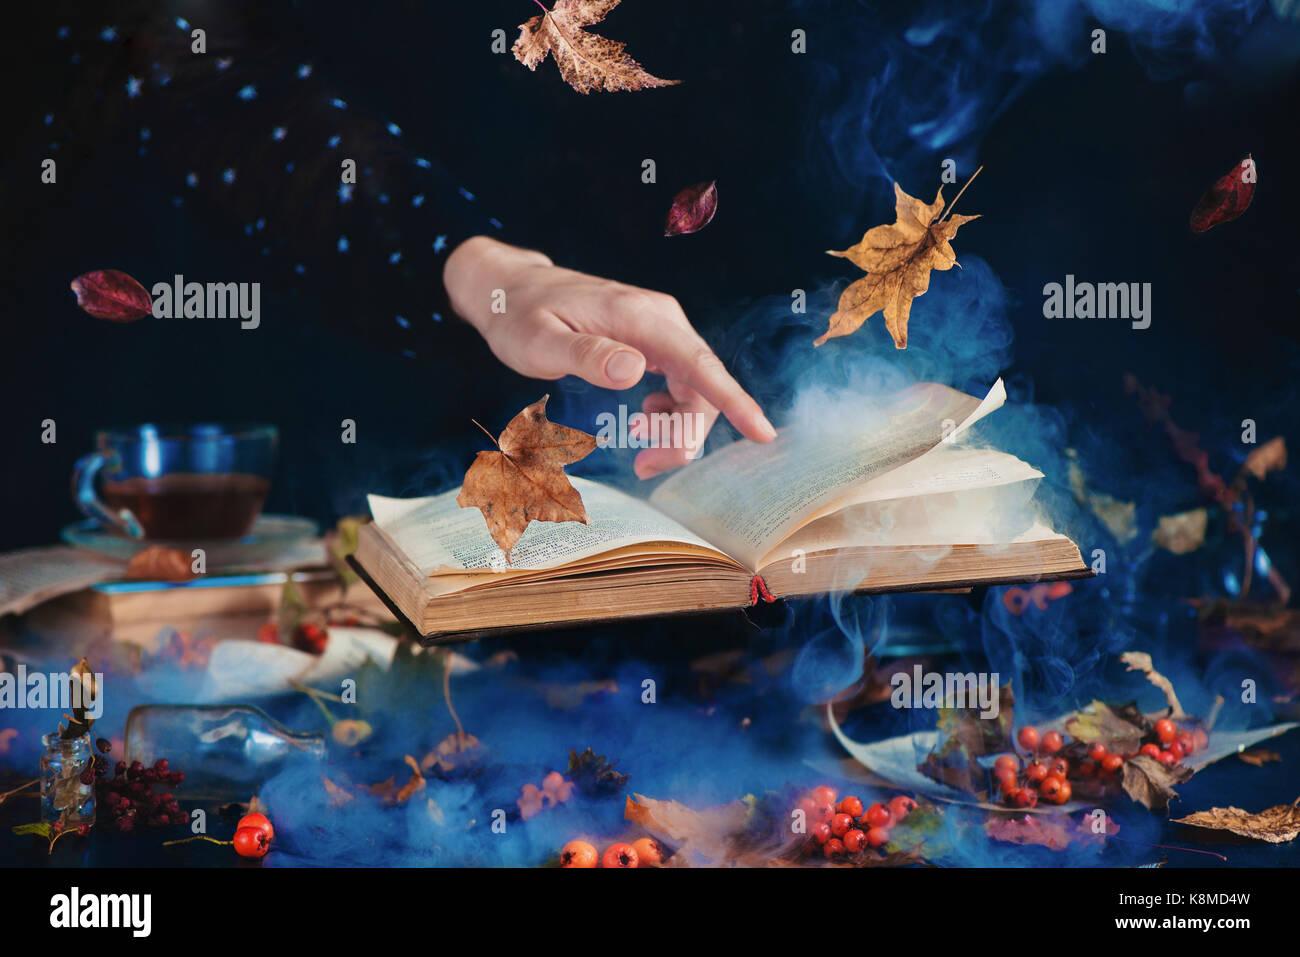 Ancora in vita con la levitazione libro di incantesimi, foglie di autunno, bacche rosse, vasetti e bottiglie su Immagini Stock